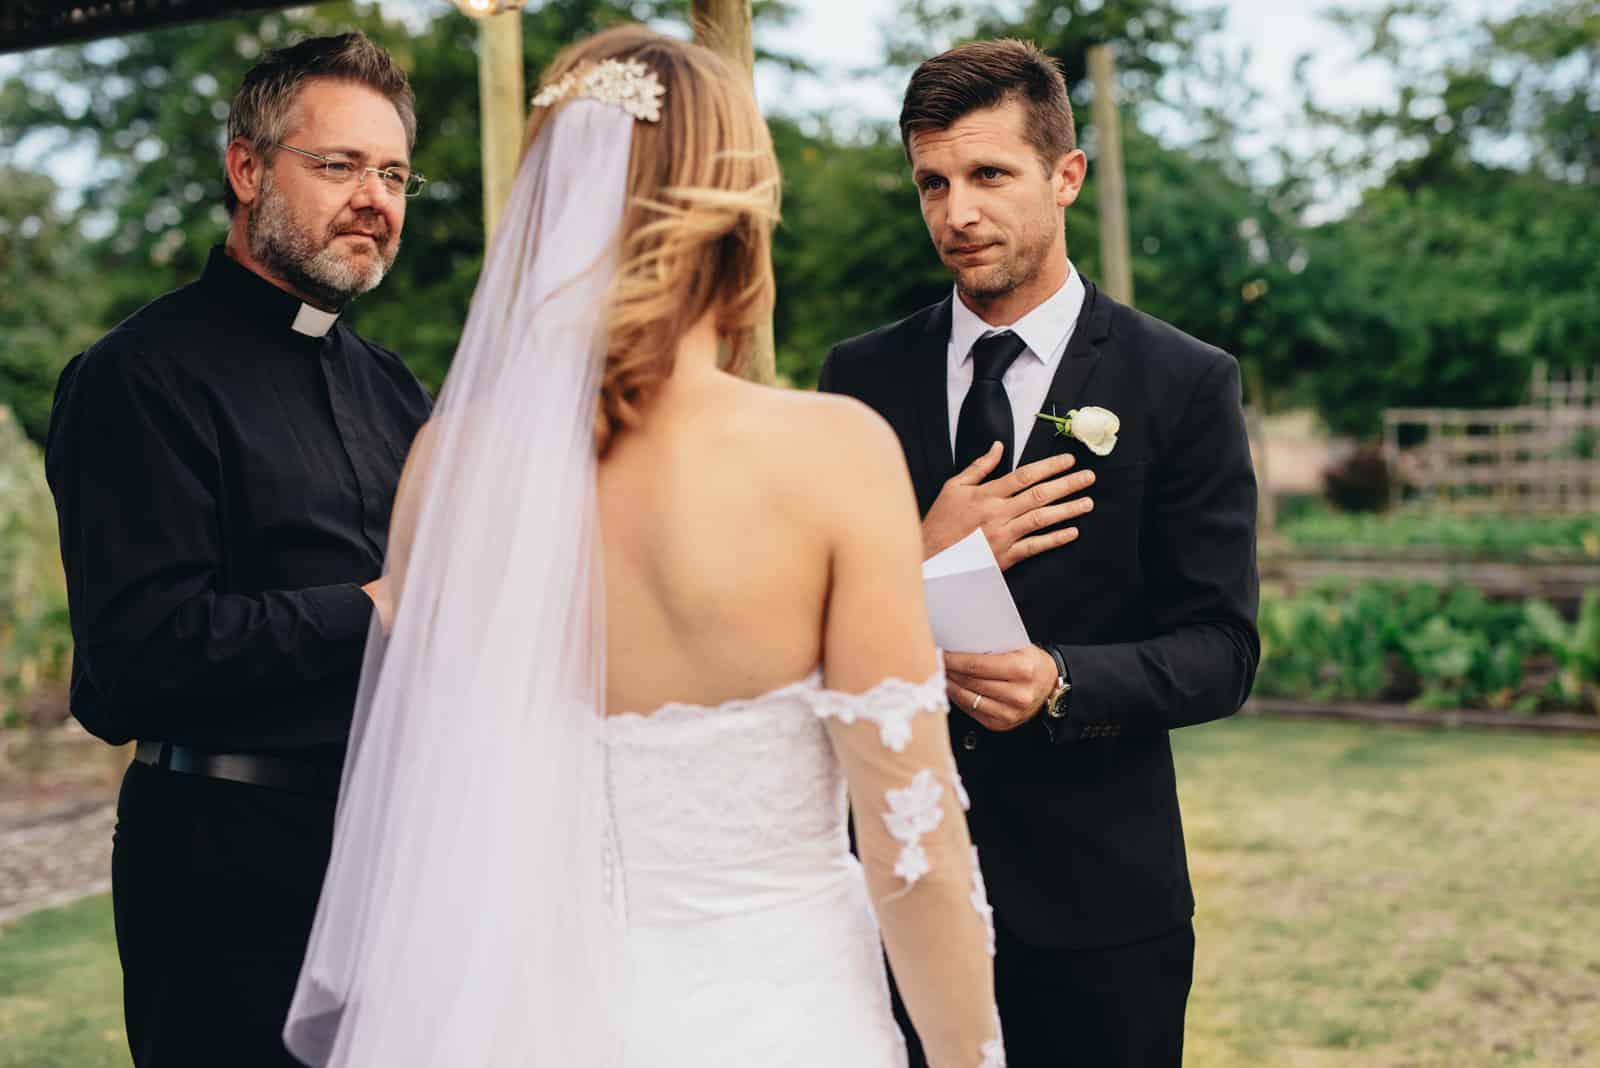 un homme et une femme à l'extérieur lors d'un mariage